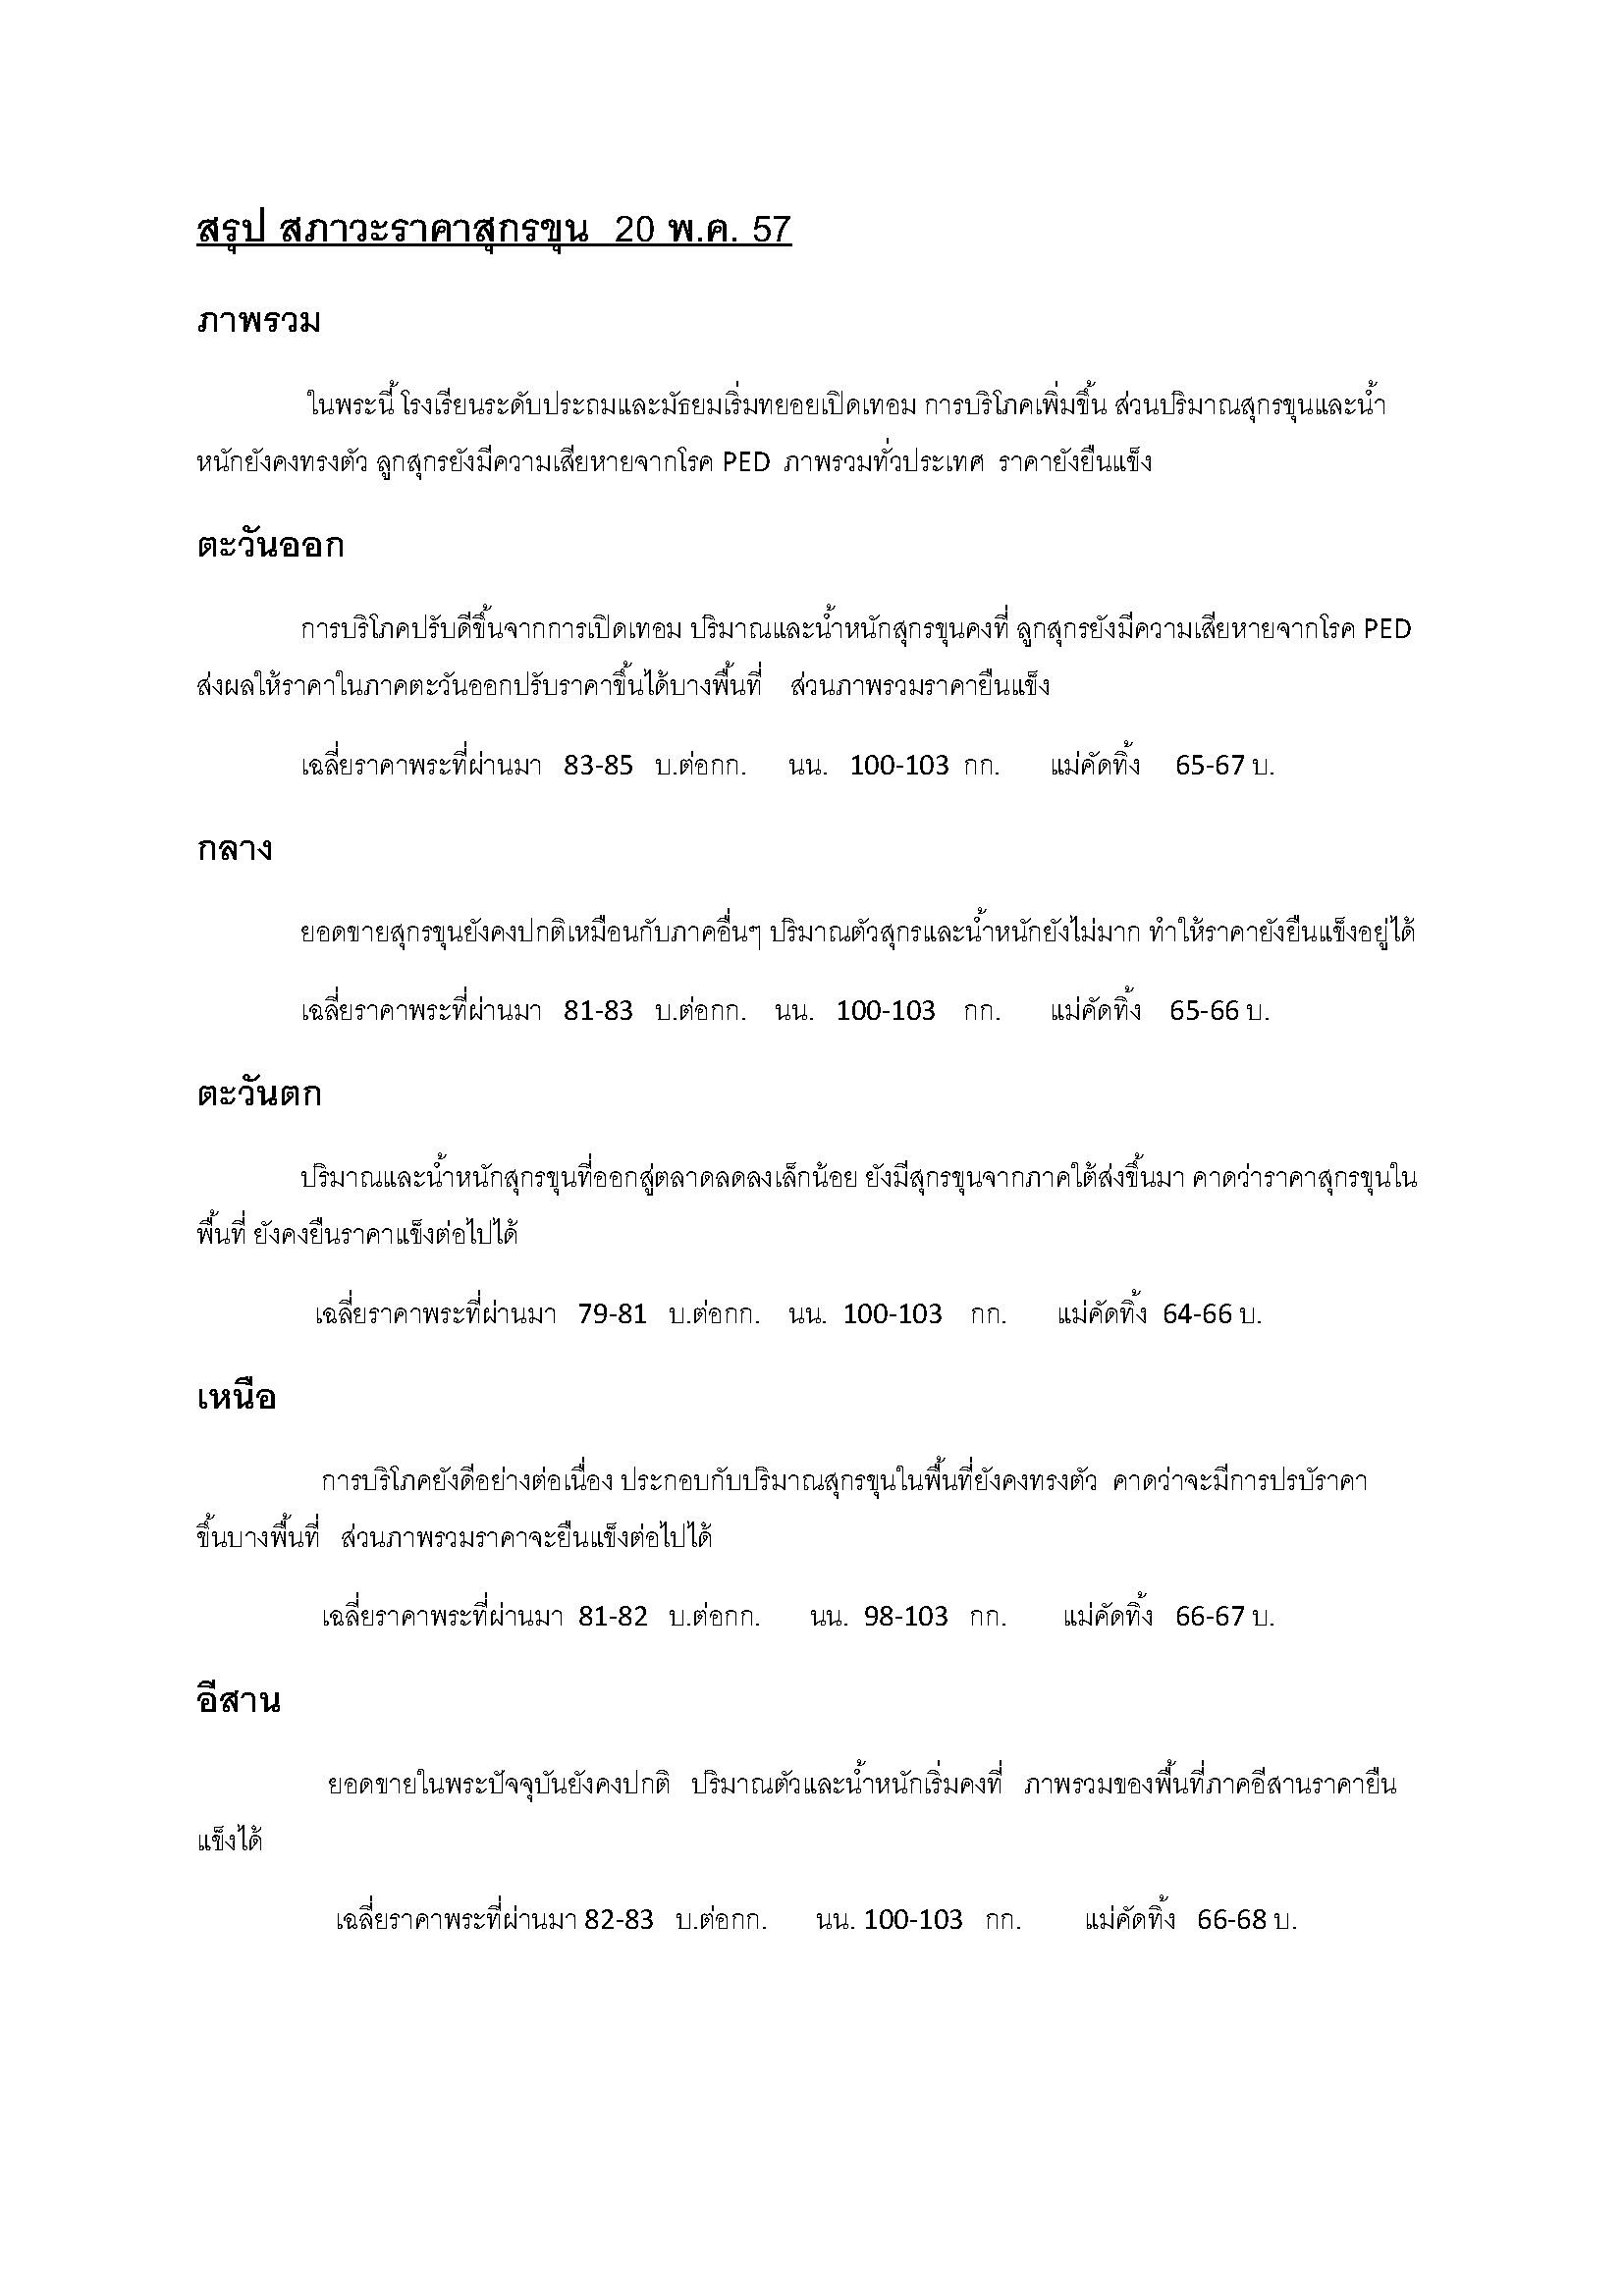 สรุป สภาวะราคาสุกรขุน  20 พ.ค. 57_Page_1